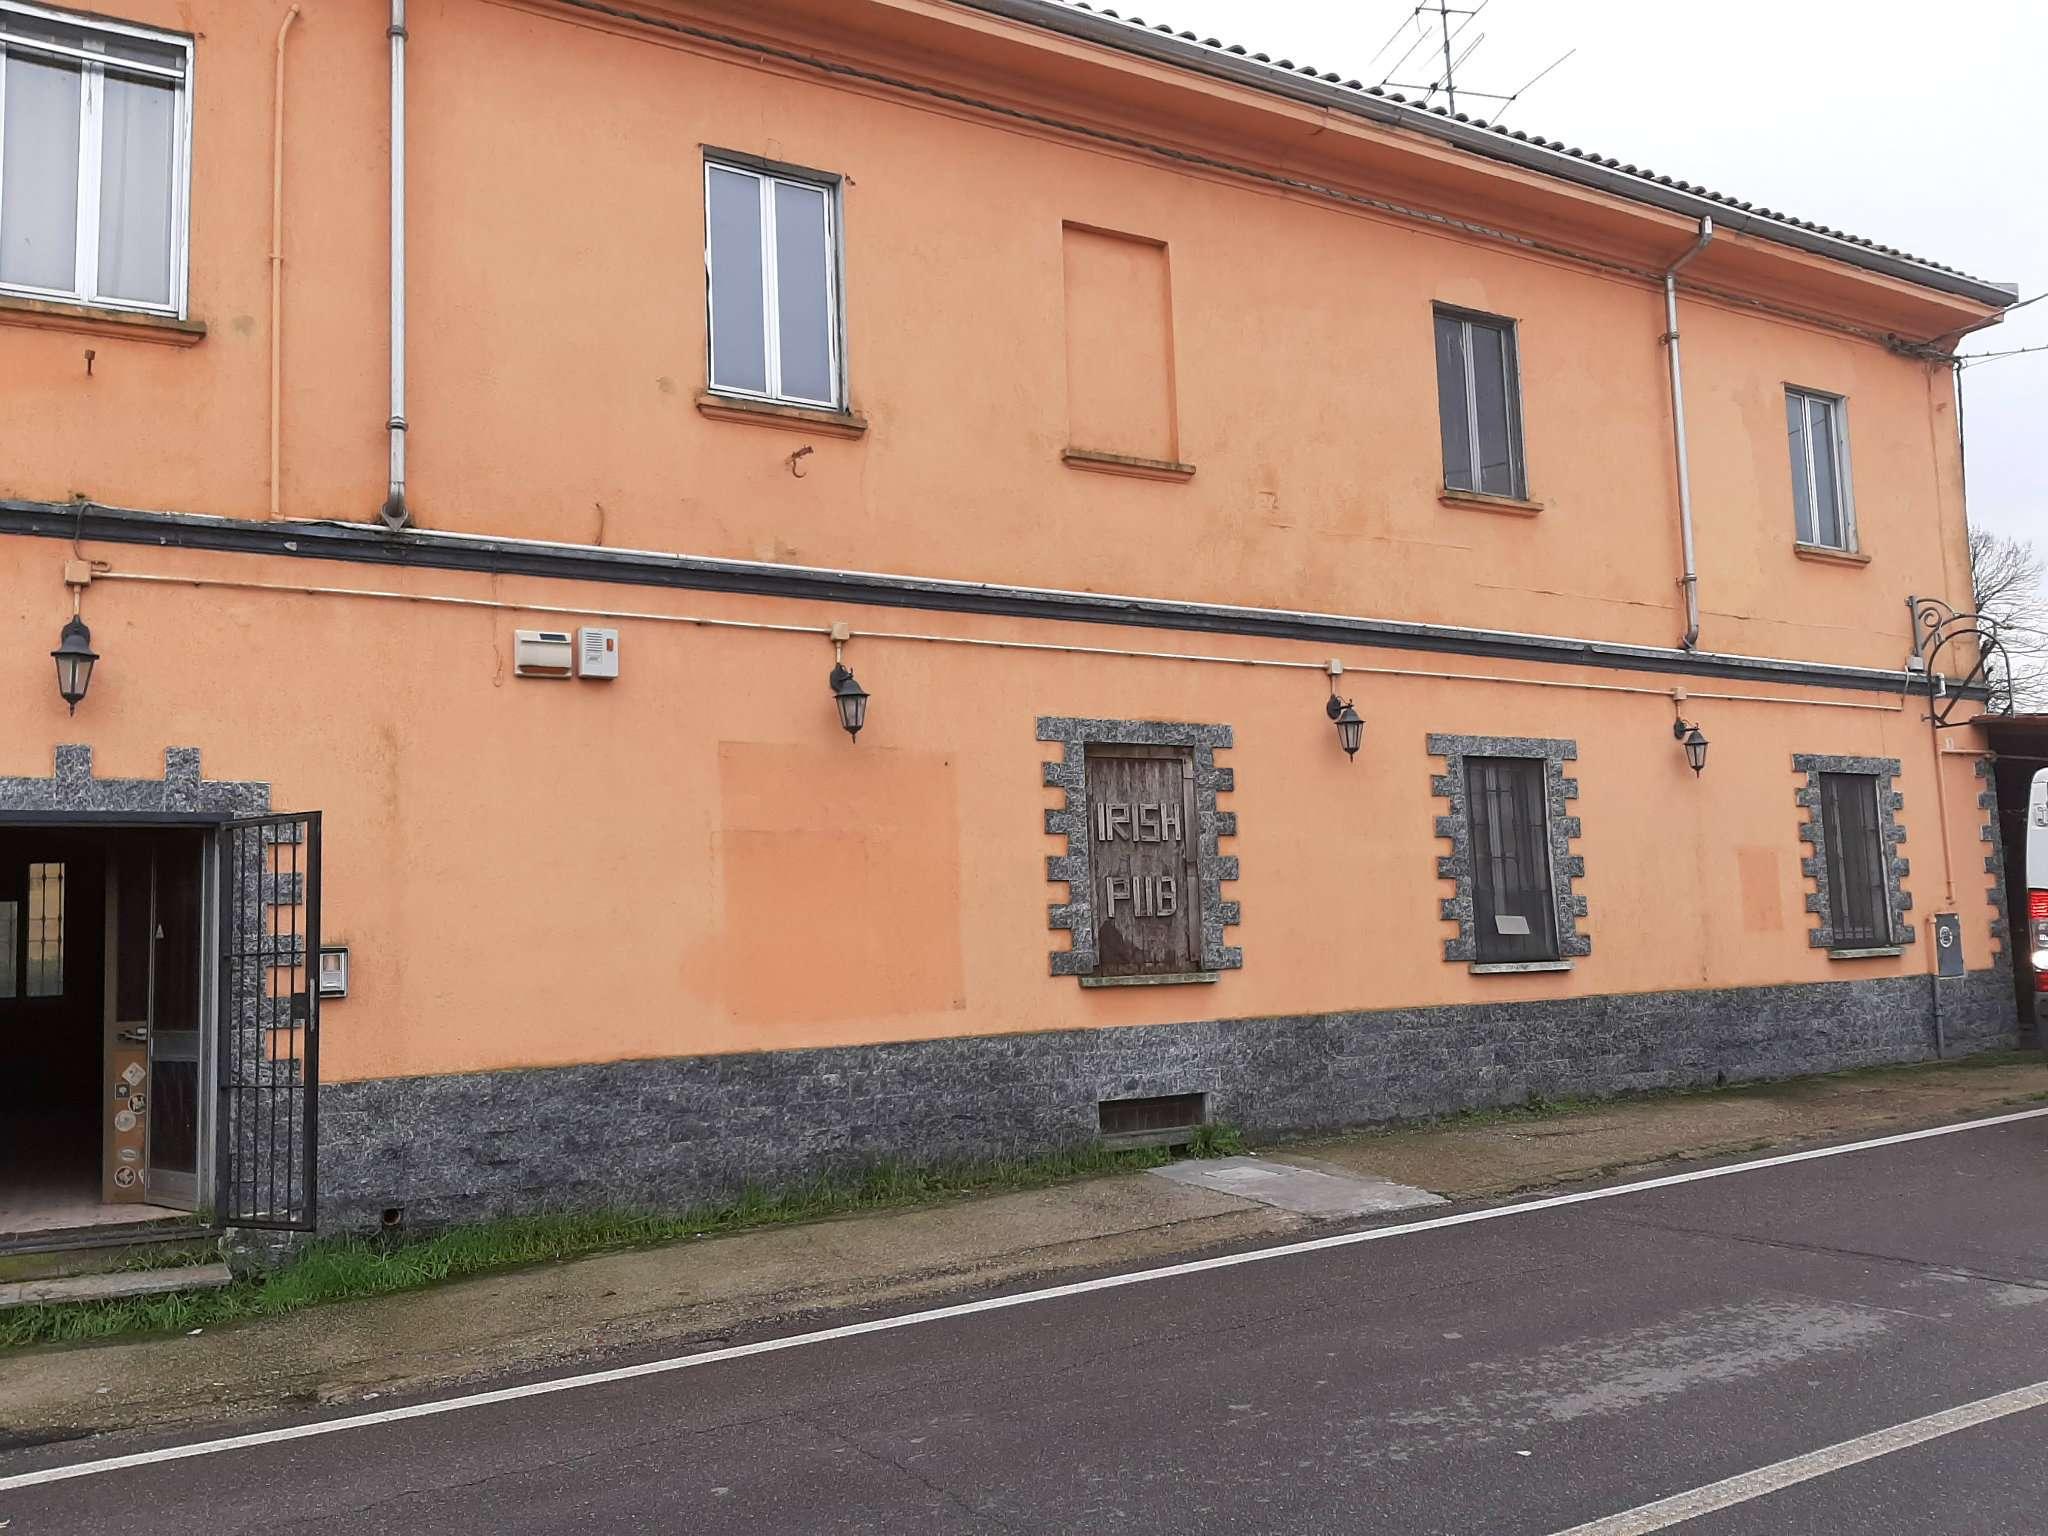 Magazzino in vendita a Cassolnovo, 7 locali, prezzo € 200.000 | PortaleAgenzieImmobiliari.it